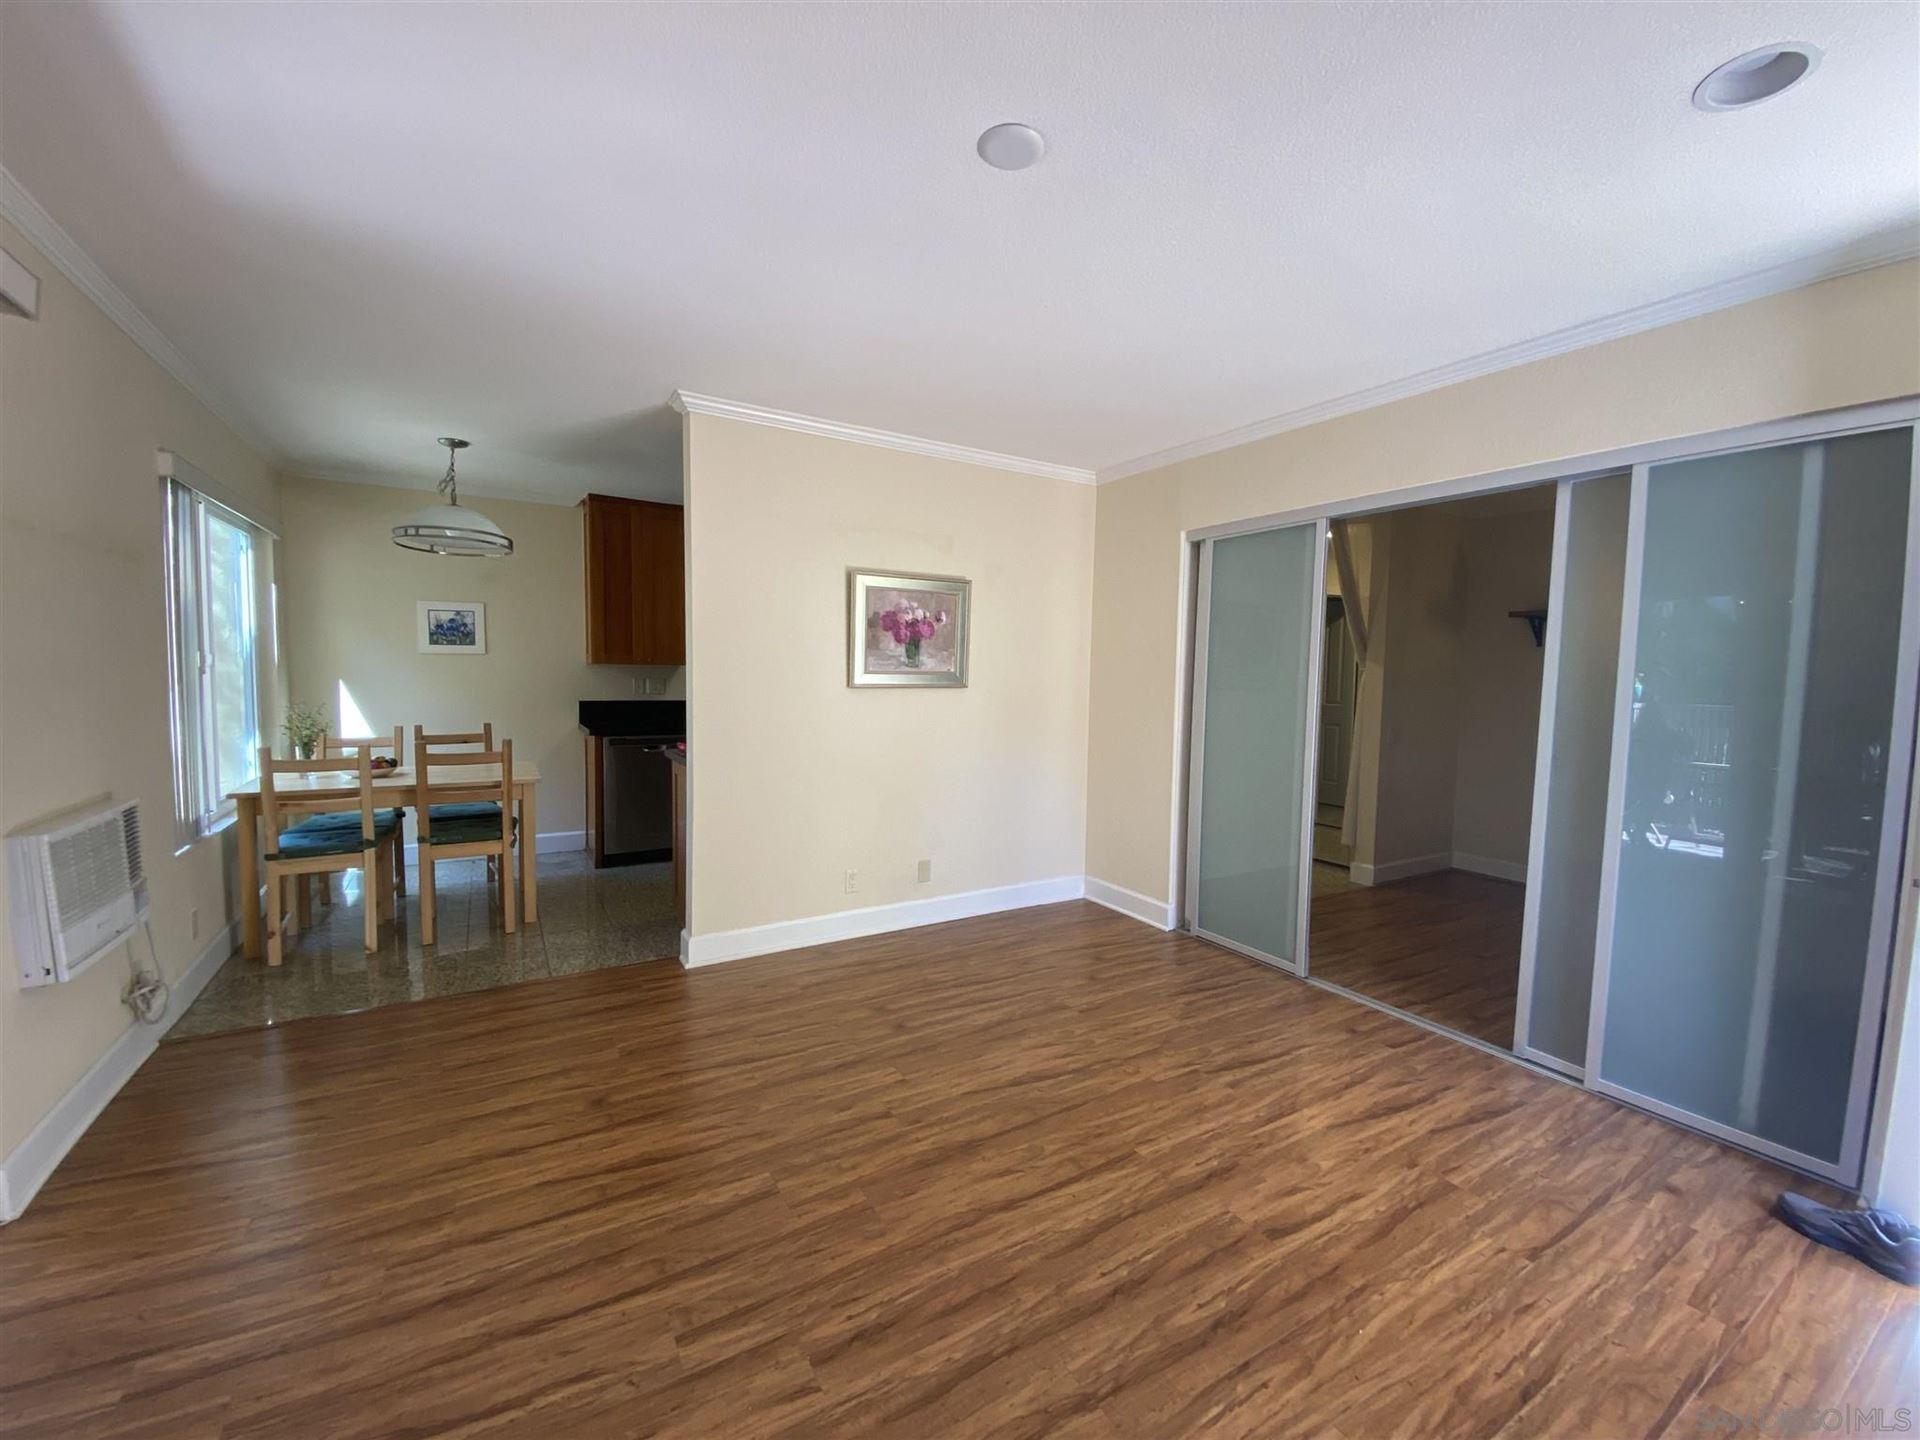 Photo of 8521 Villa La Jolla Dr #A, La Jolla, CA 92037 (MLS # 210009489)